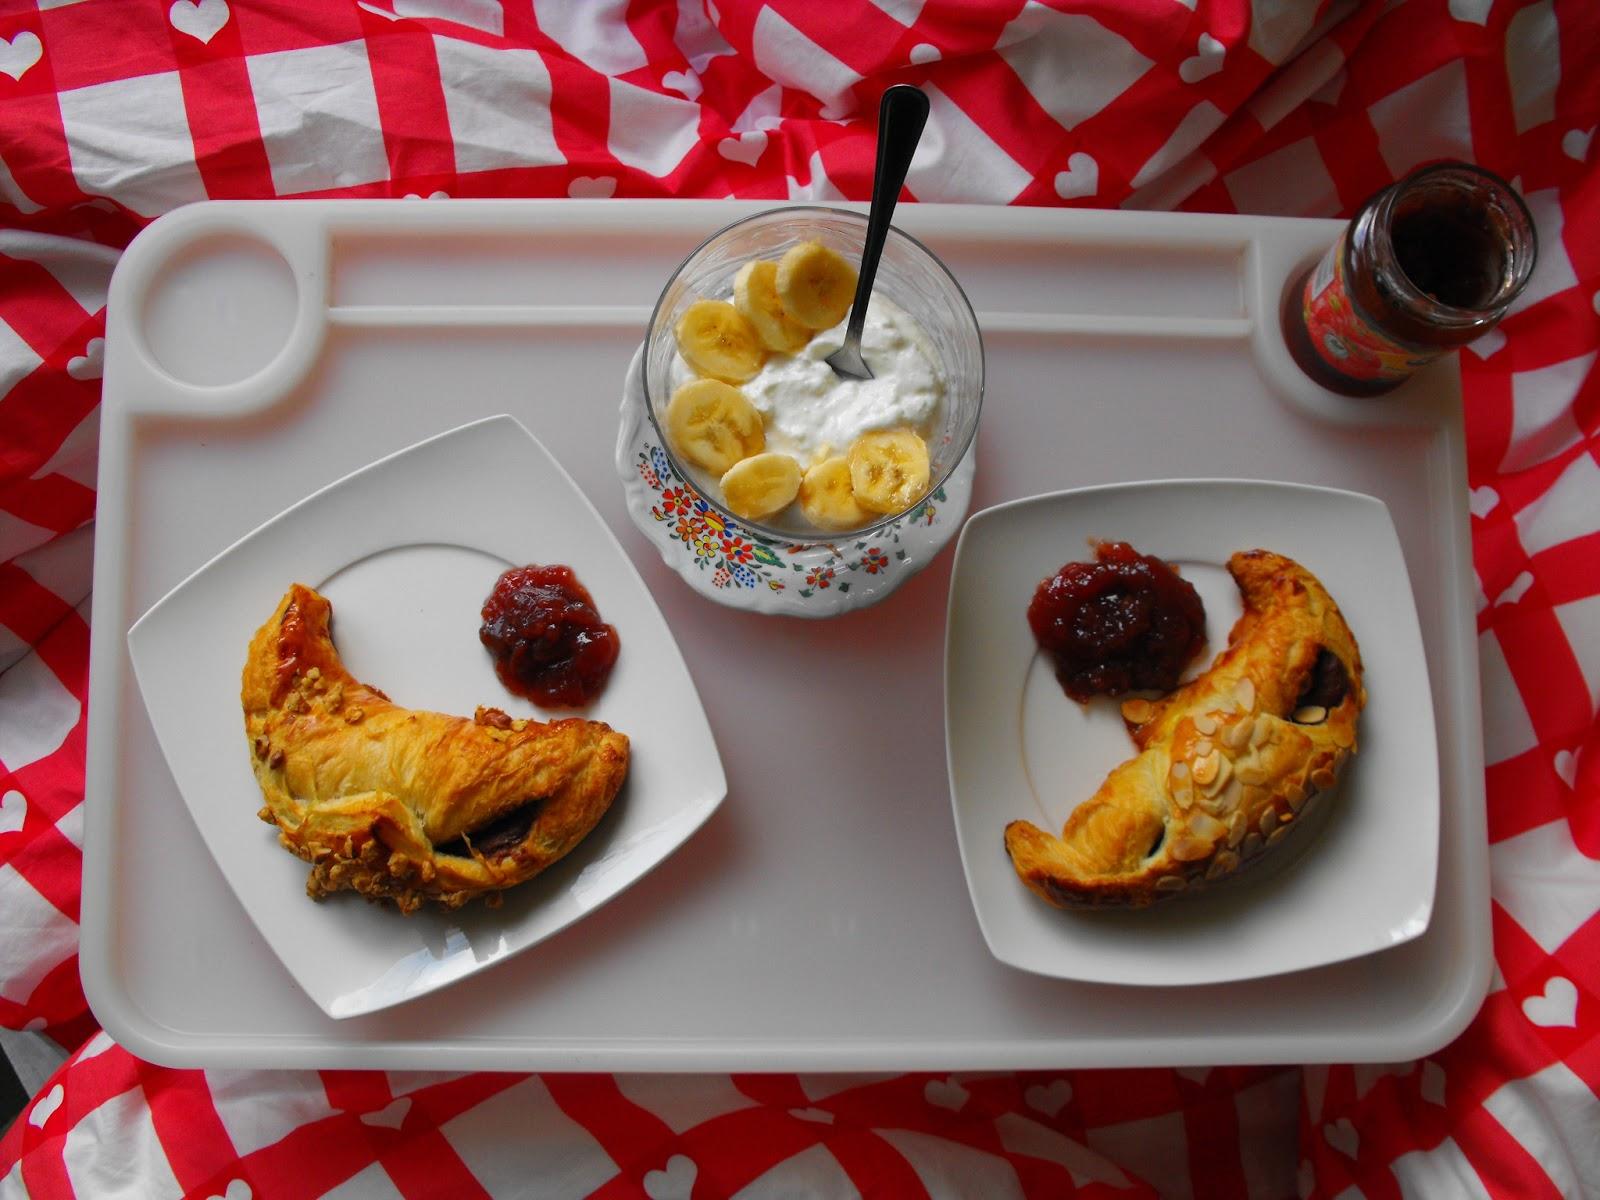 Tęcza W Słoiku śniadanie Do łóżka Szybkie Rogaliki Francuskie